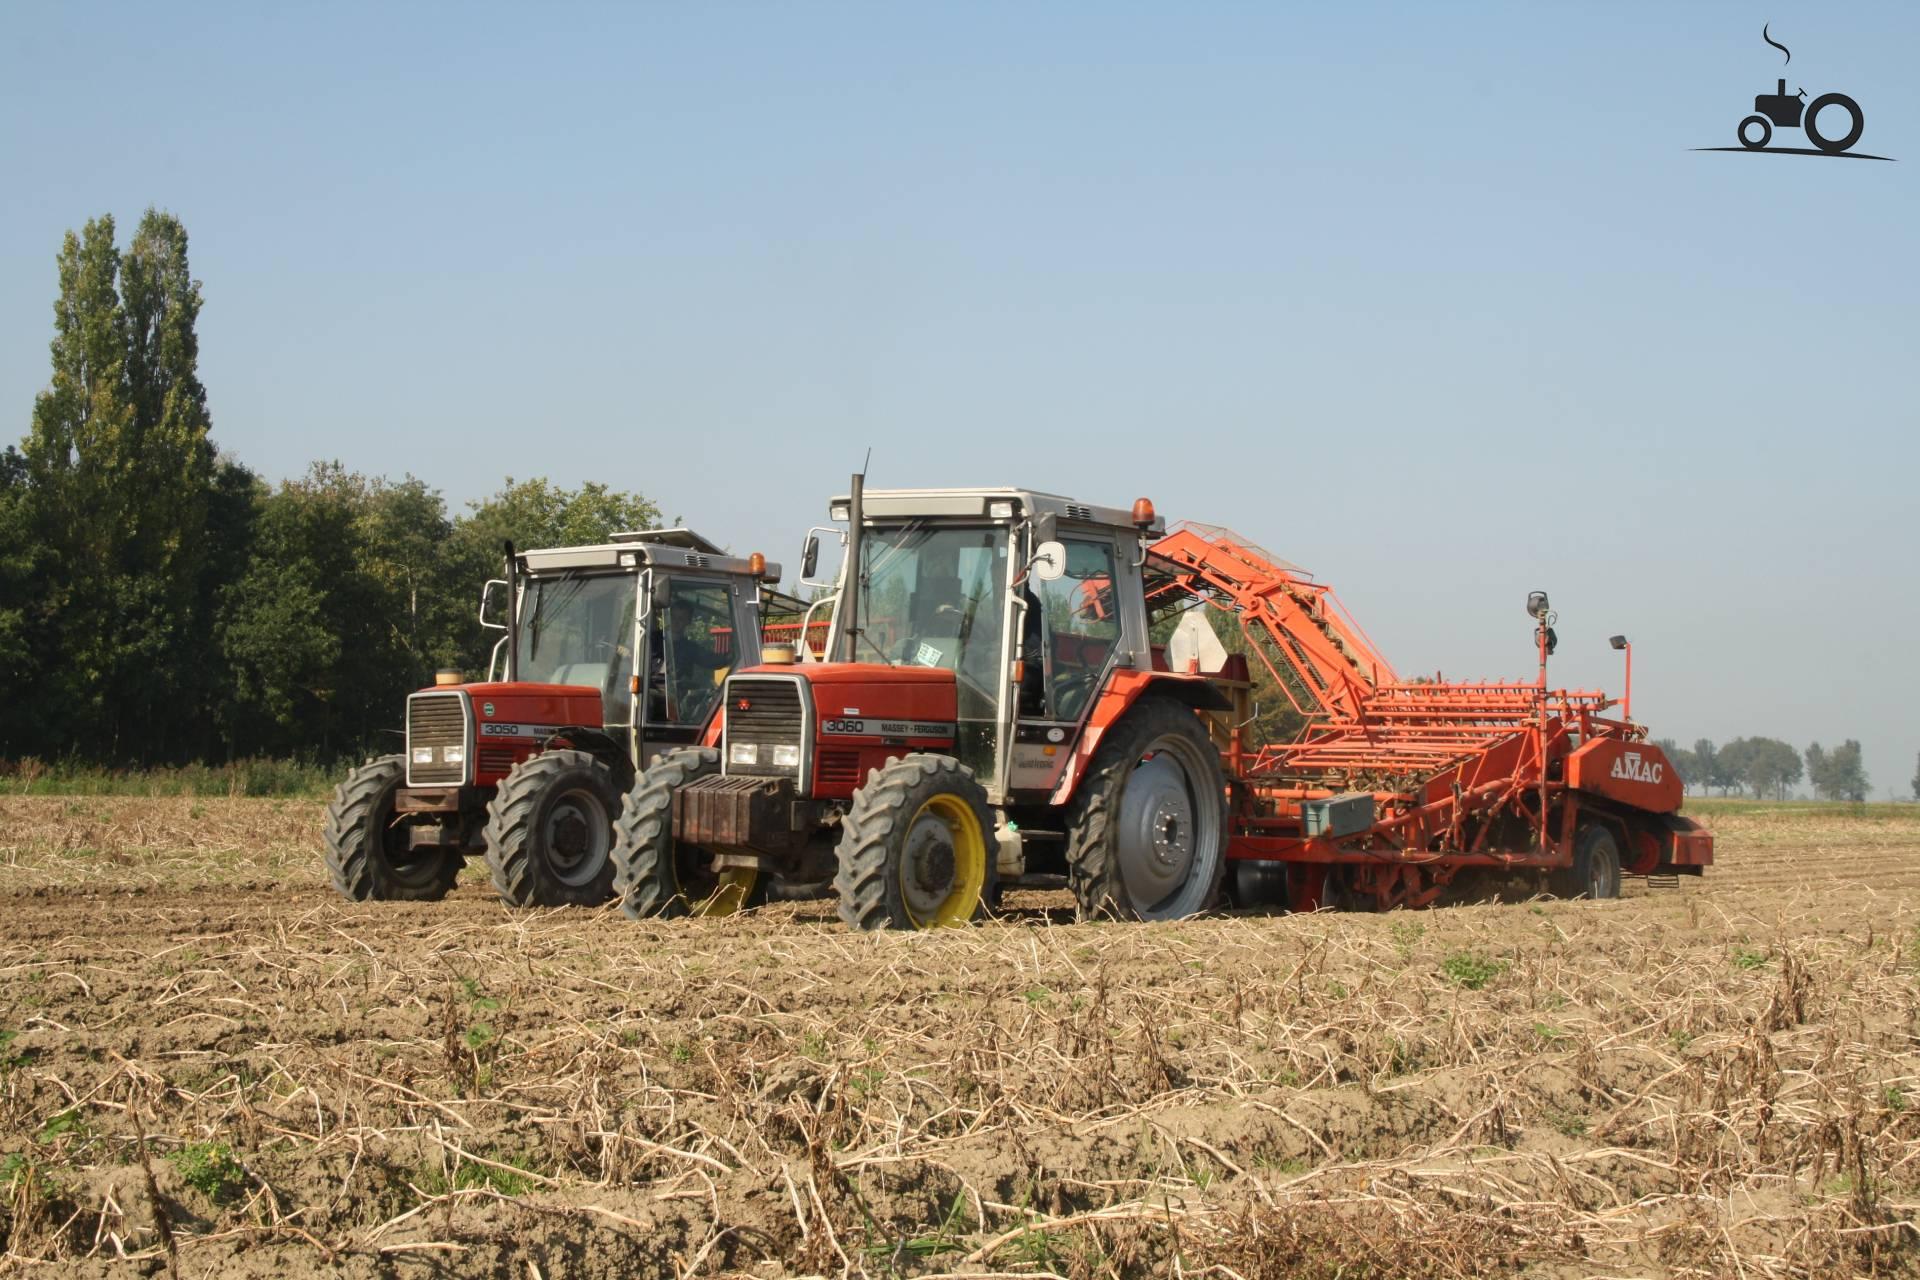 Massey Ferguson 3000-Serie van joris Druk bezig met aardappels rooien..